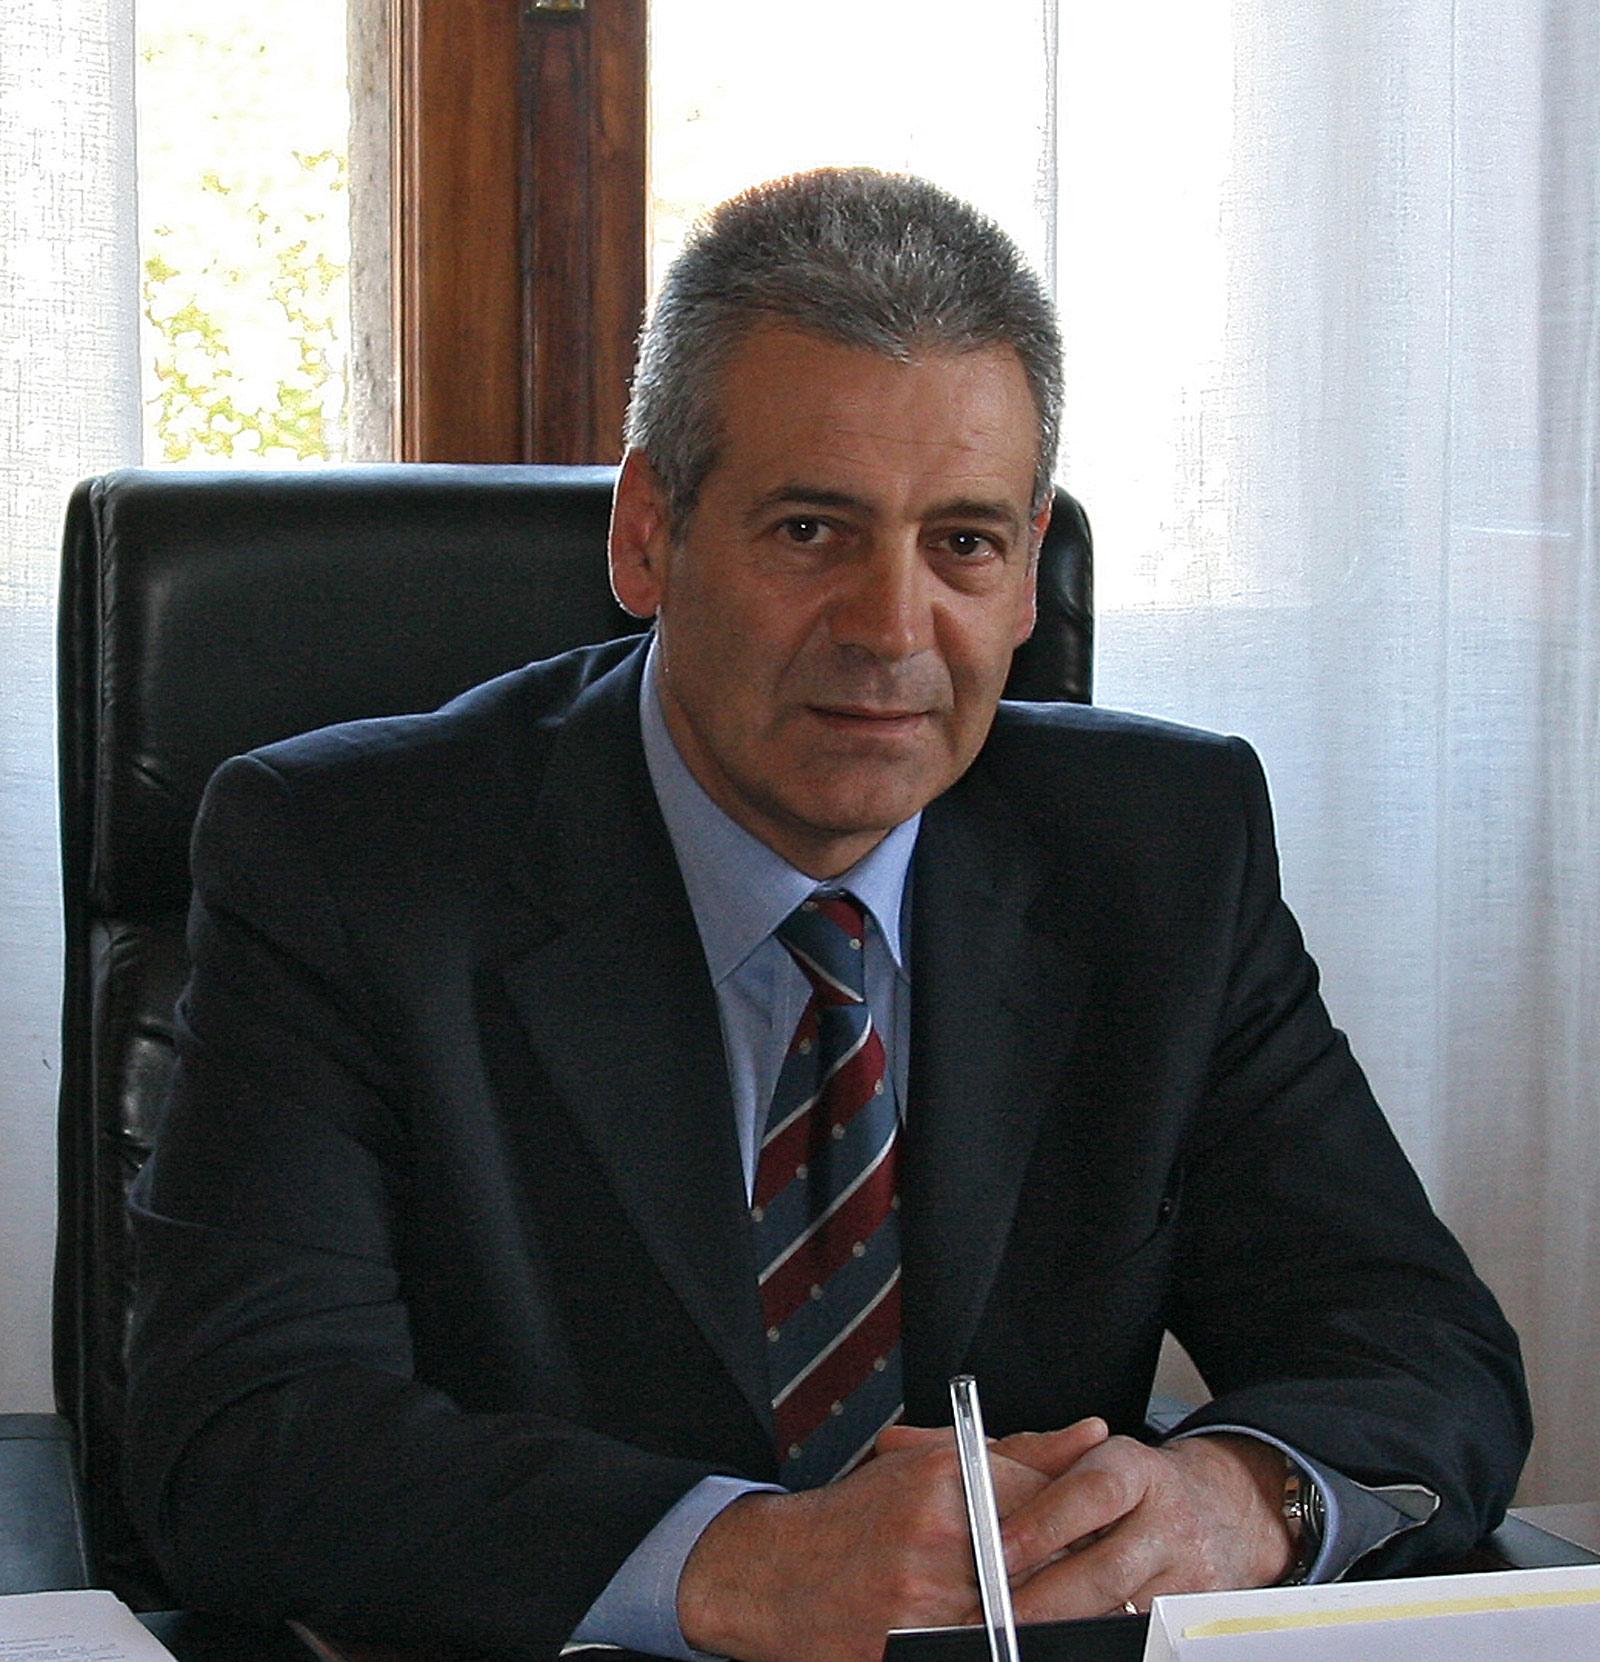 Consiglio comunale: Francesco Paciotti subentra al dimissionario Emilio Cipollone